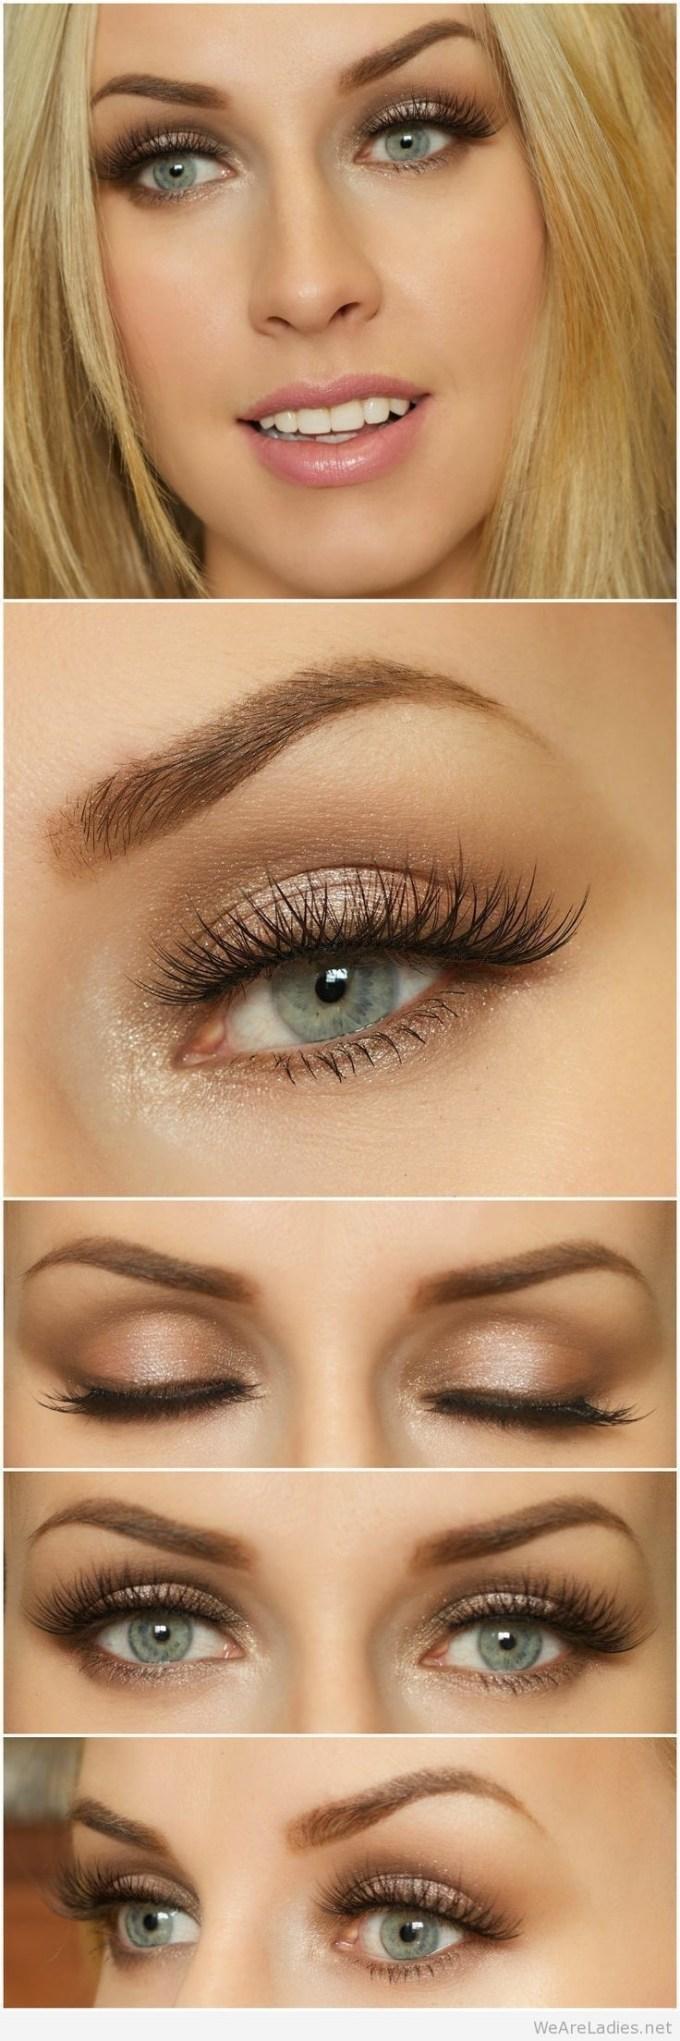 makeup for pale skin green eyes - cat eye makeup